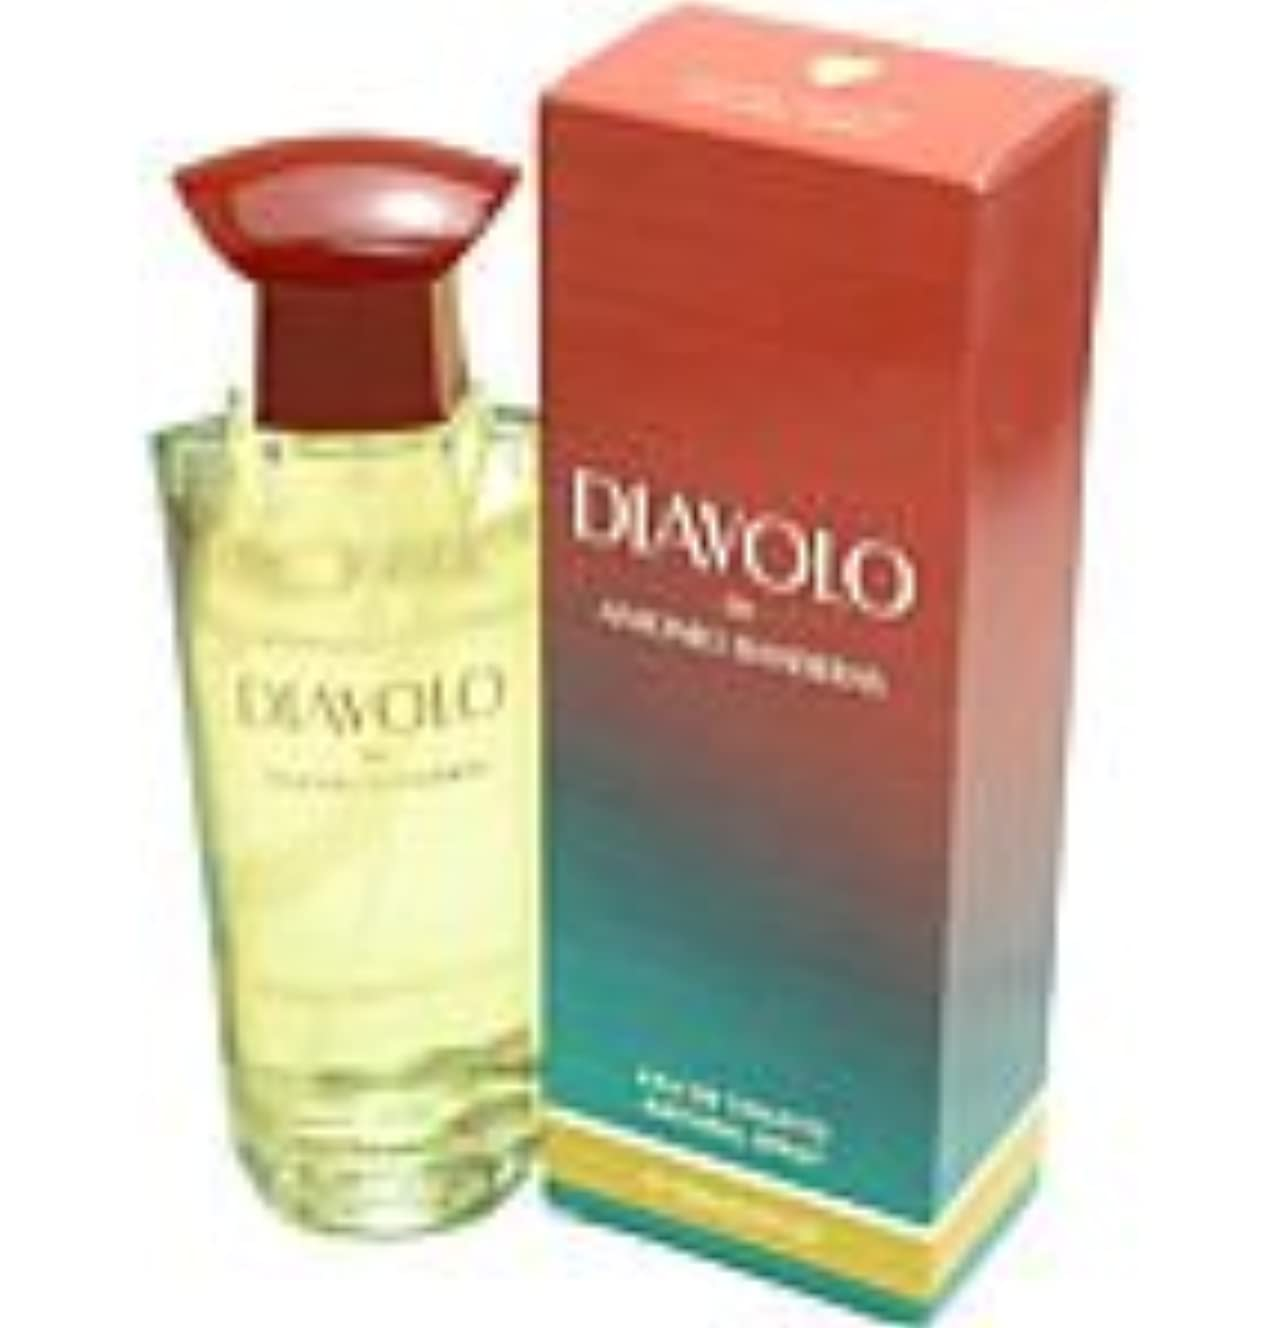 マイナス先生皮Diavolo (ディアボロ) 3.4 oz (100ml) EDT Spray by Antonio Banderas for Men